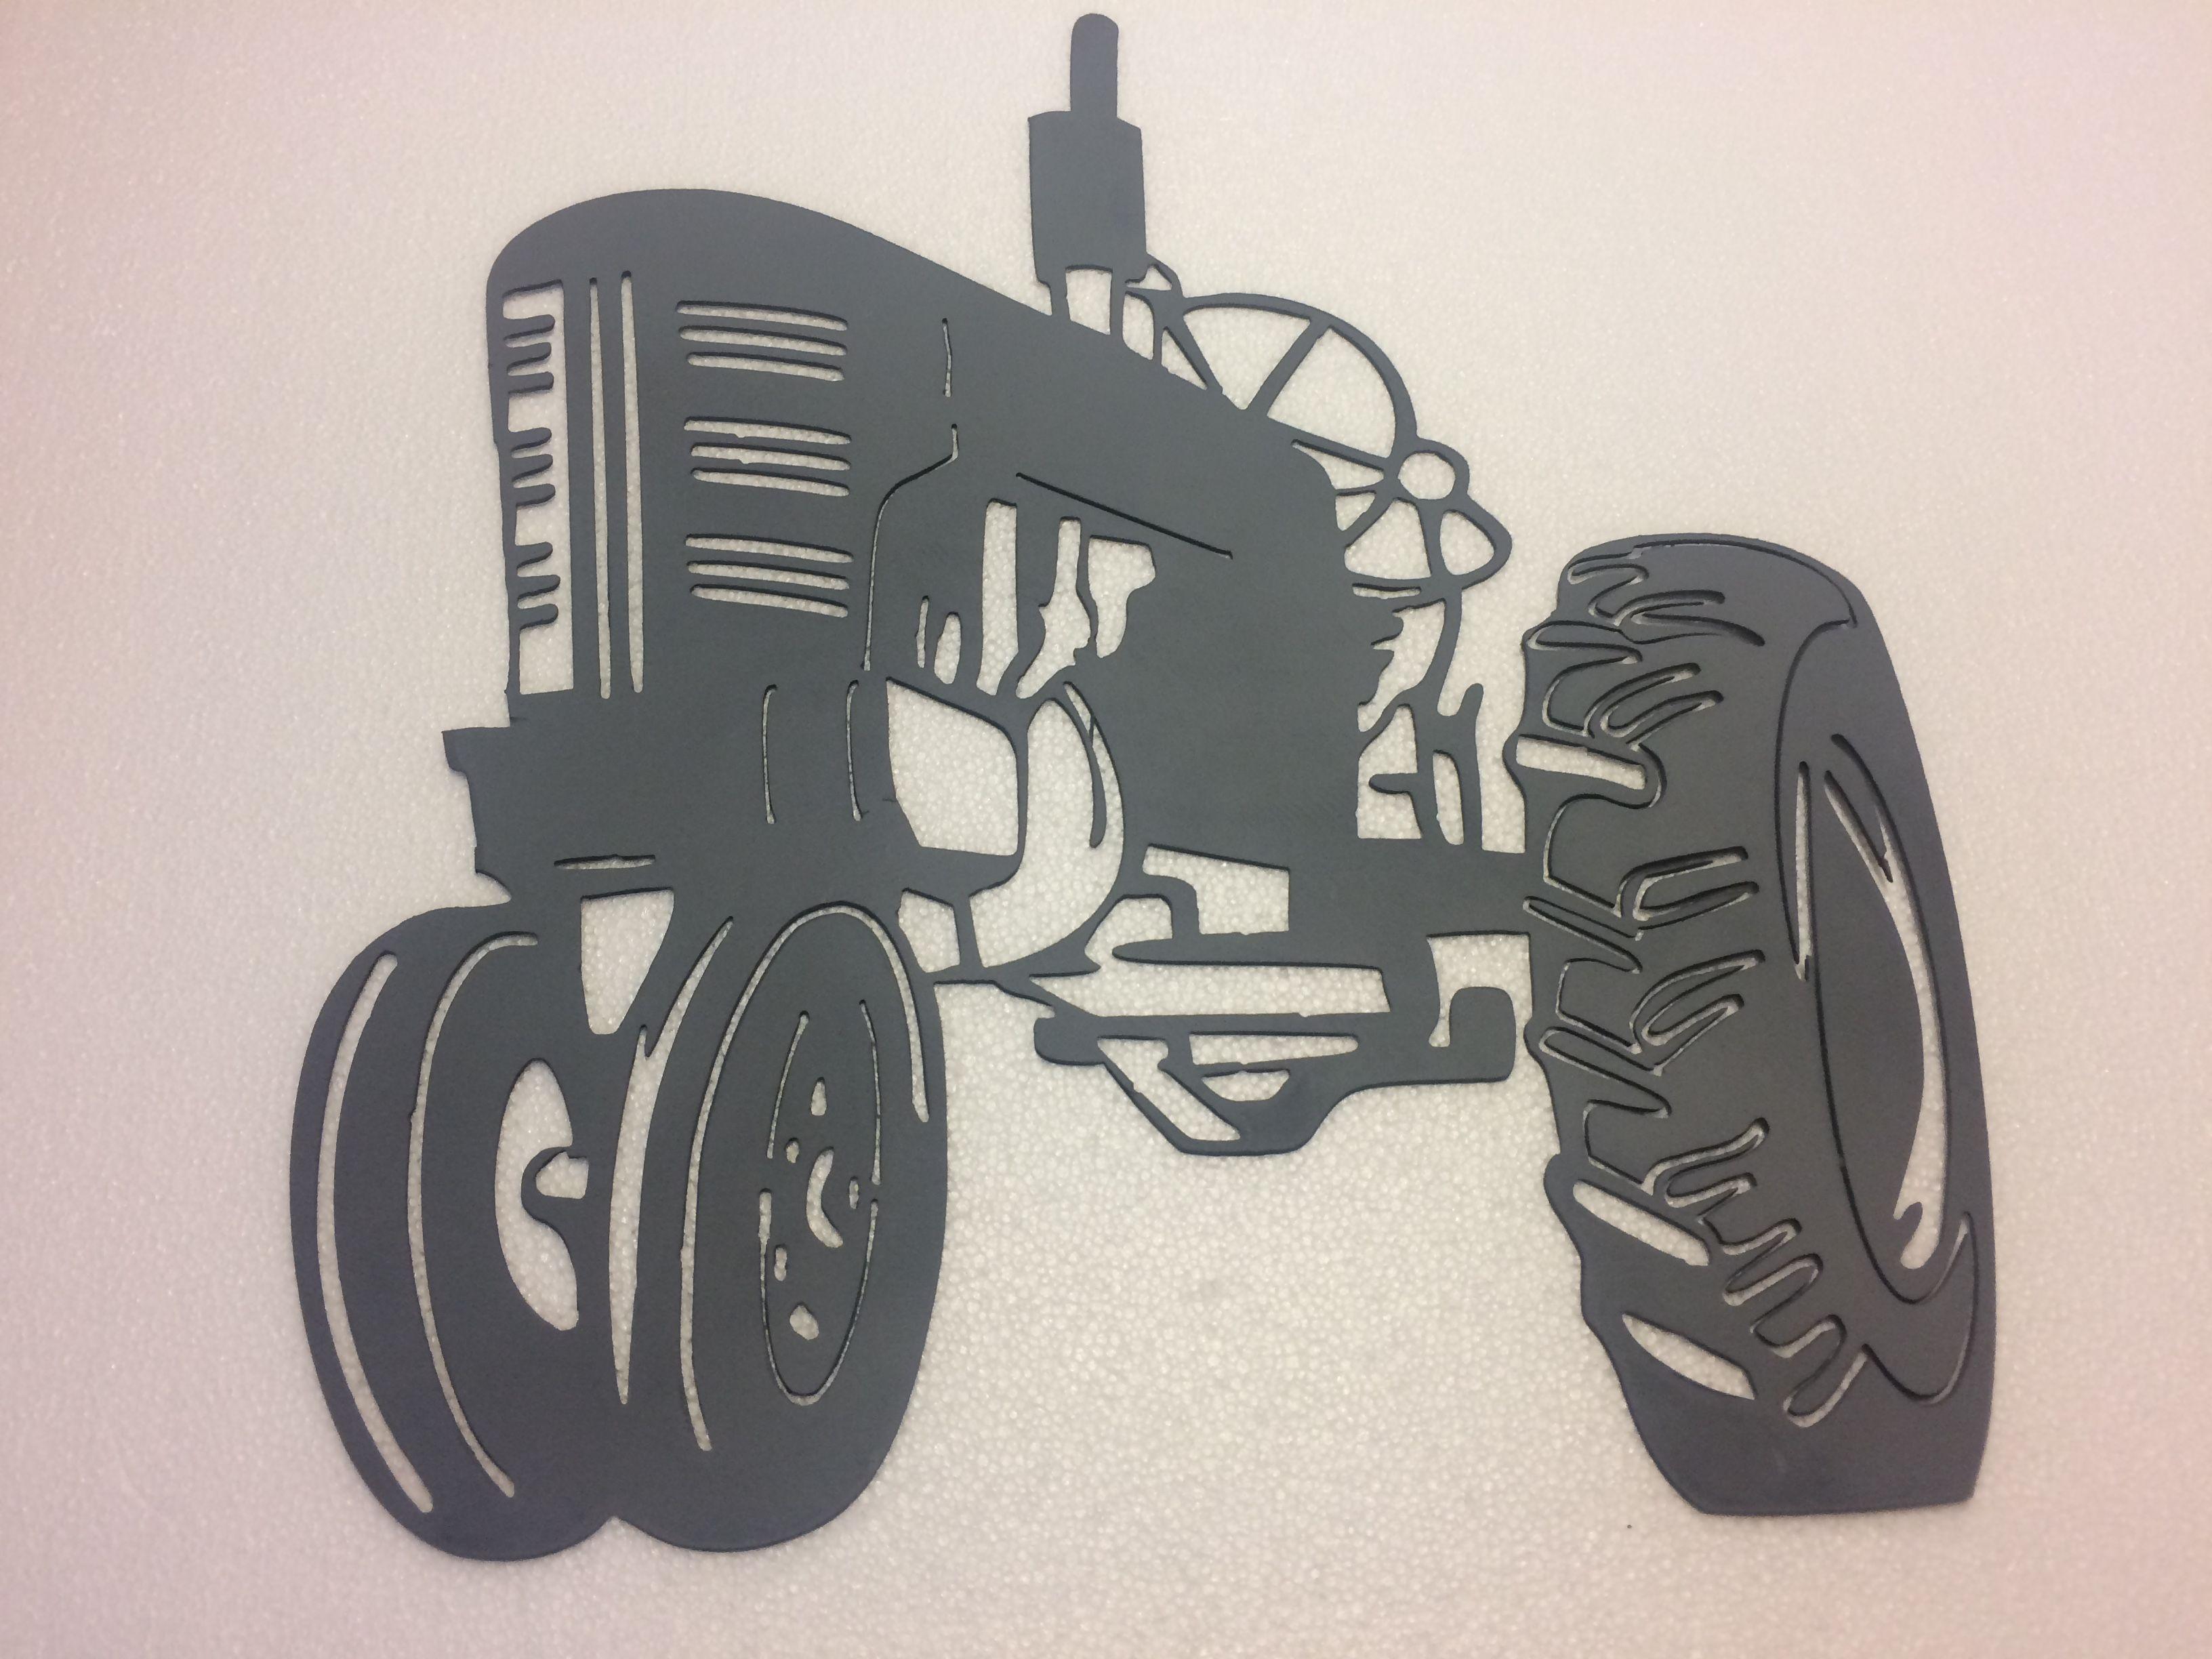 Tractor plasma art Metal art, Celine luggage bag, Celine